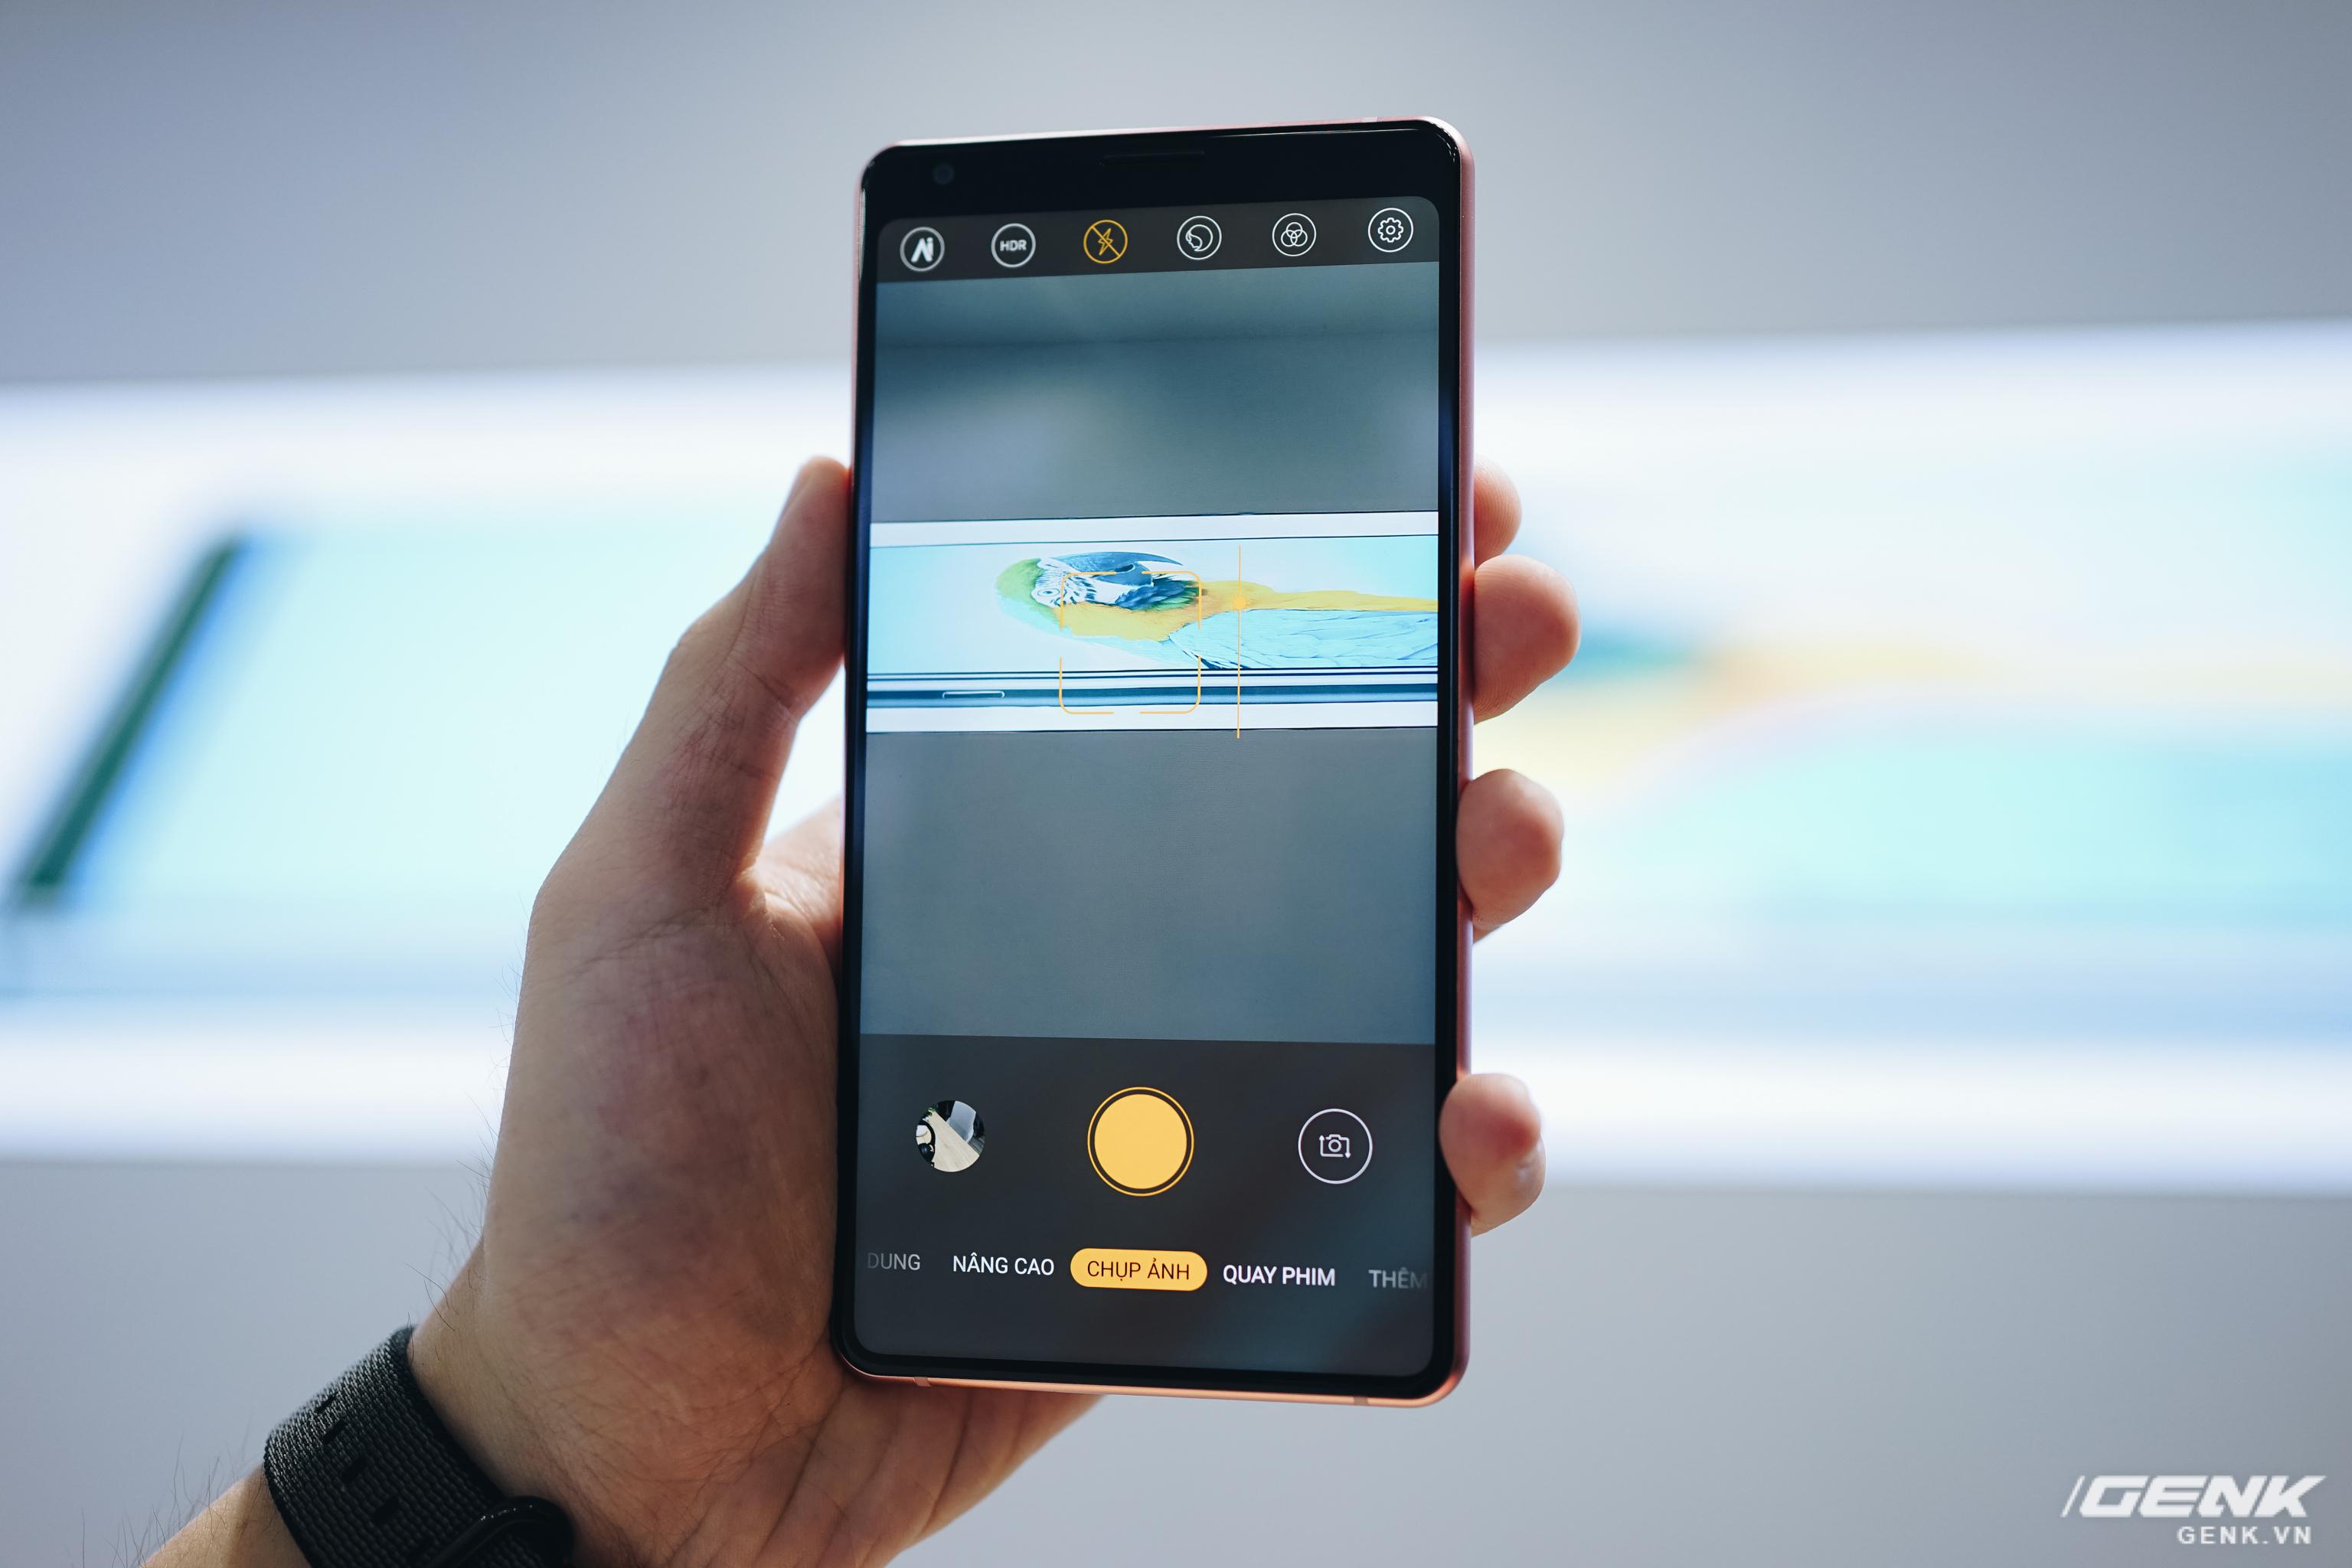 Những điểm hoài nghi ở Bphone B86: Chống nước IP68+, camera gây hiểu lầm, hình nền đạo iPhone 11 - Ảnh 6.